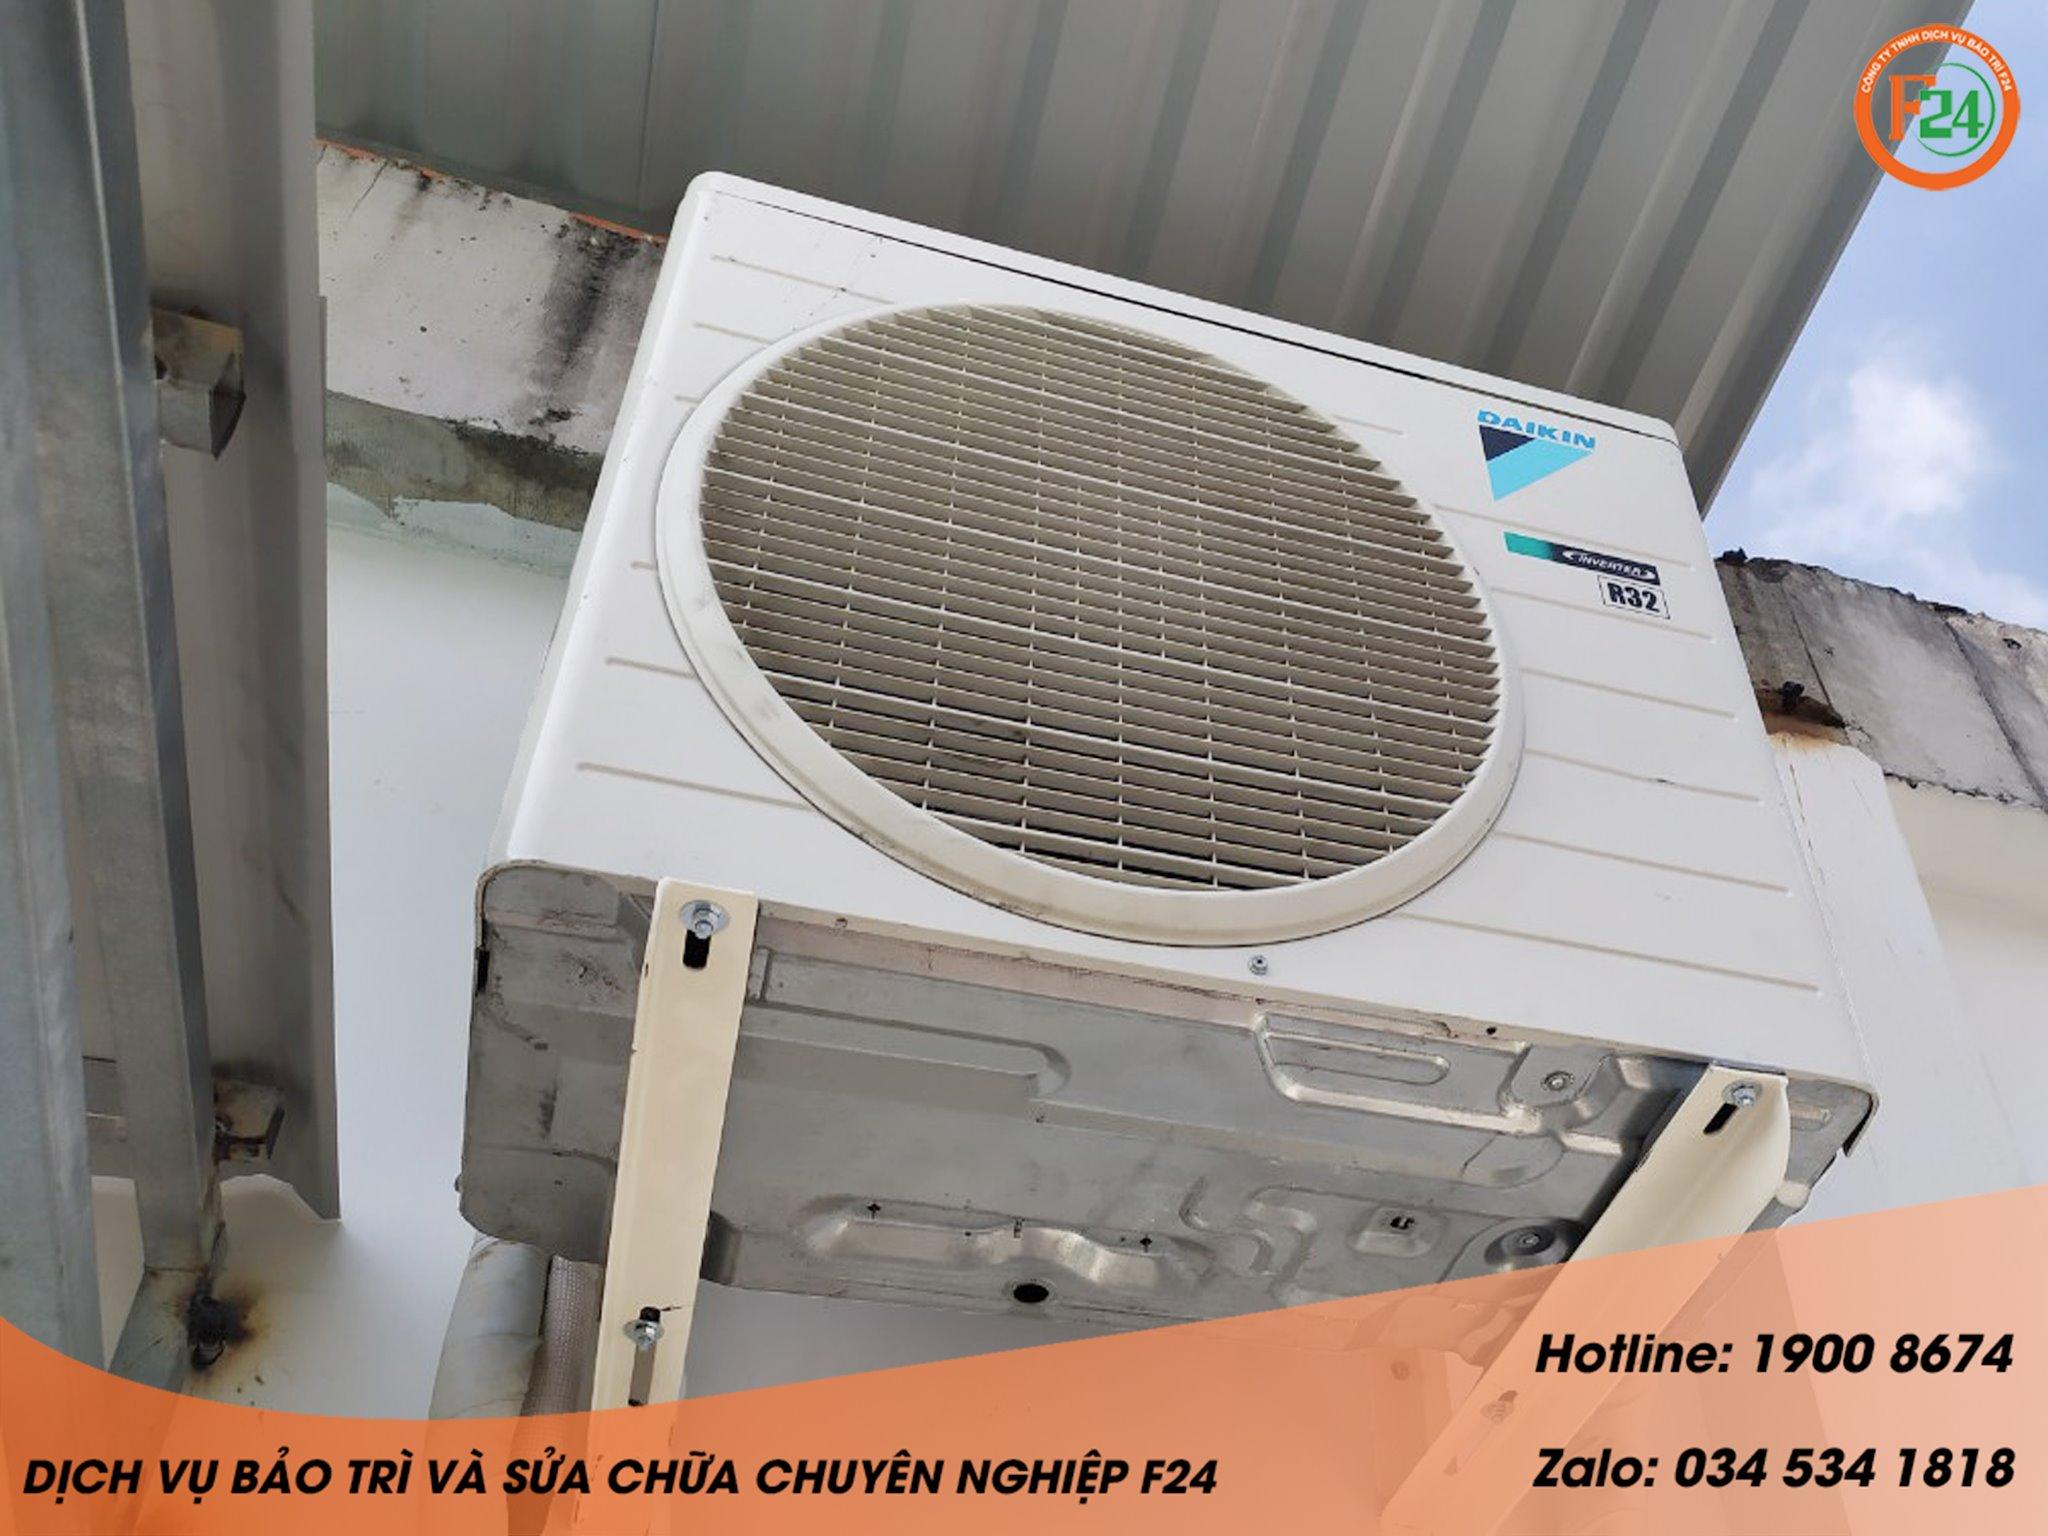 Chuyên Lắp Đặt Máy Lạnh Quận 10   Bảo Trì & Sửa Chữa Nhanh Chóng